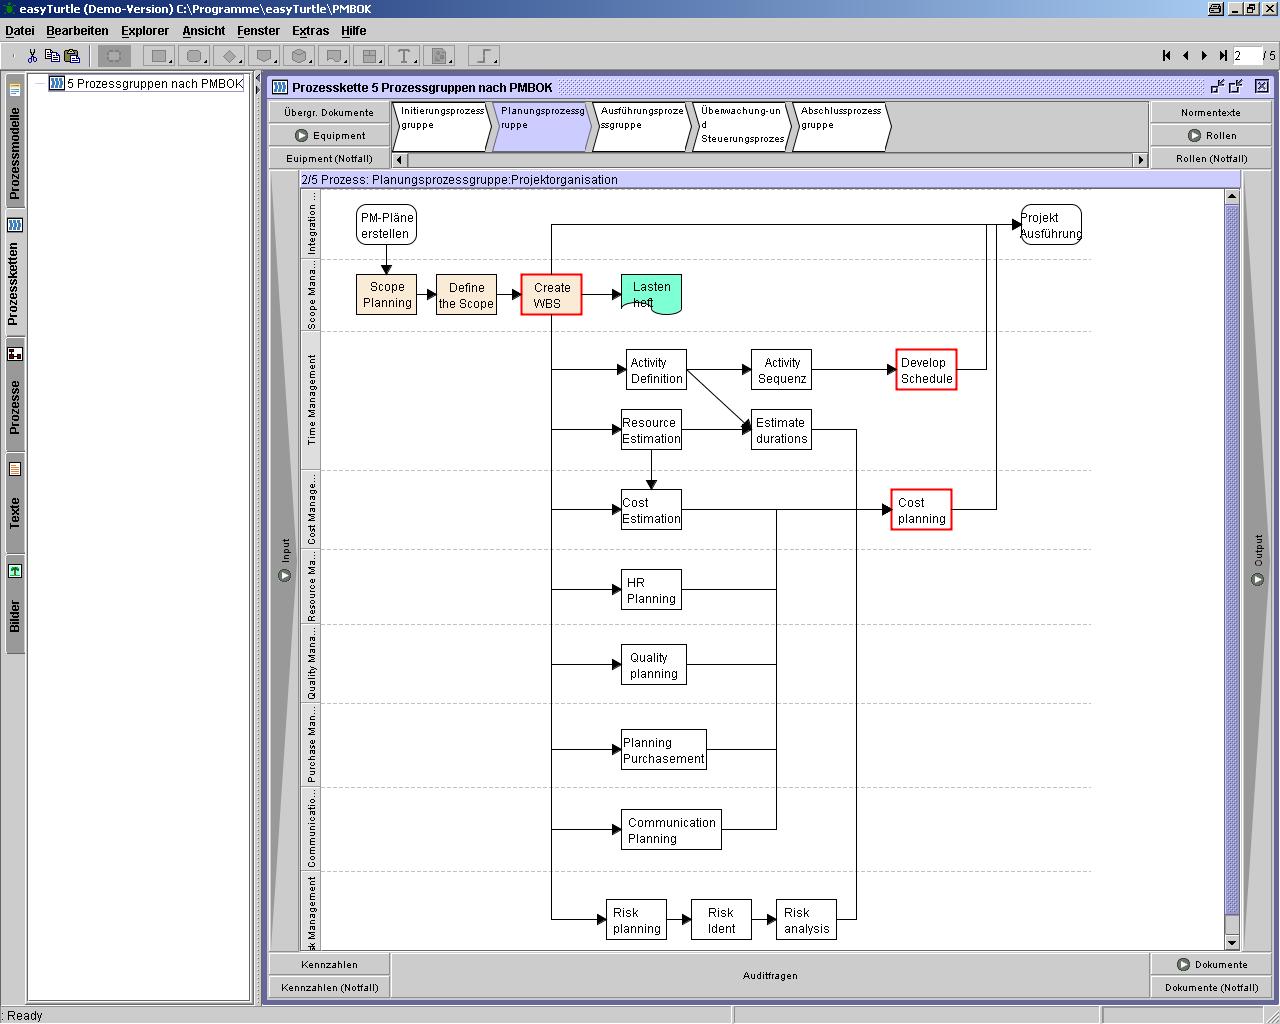 Planungsprozessgruppe in der Prozesskette nach PMBoK